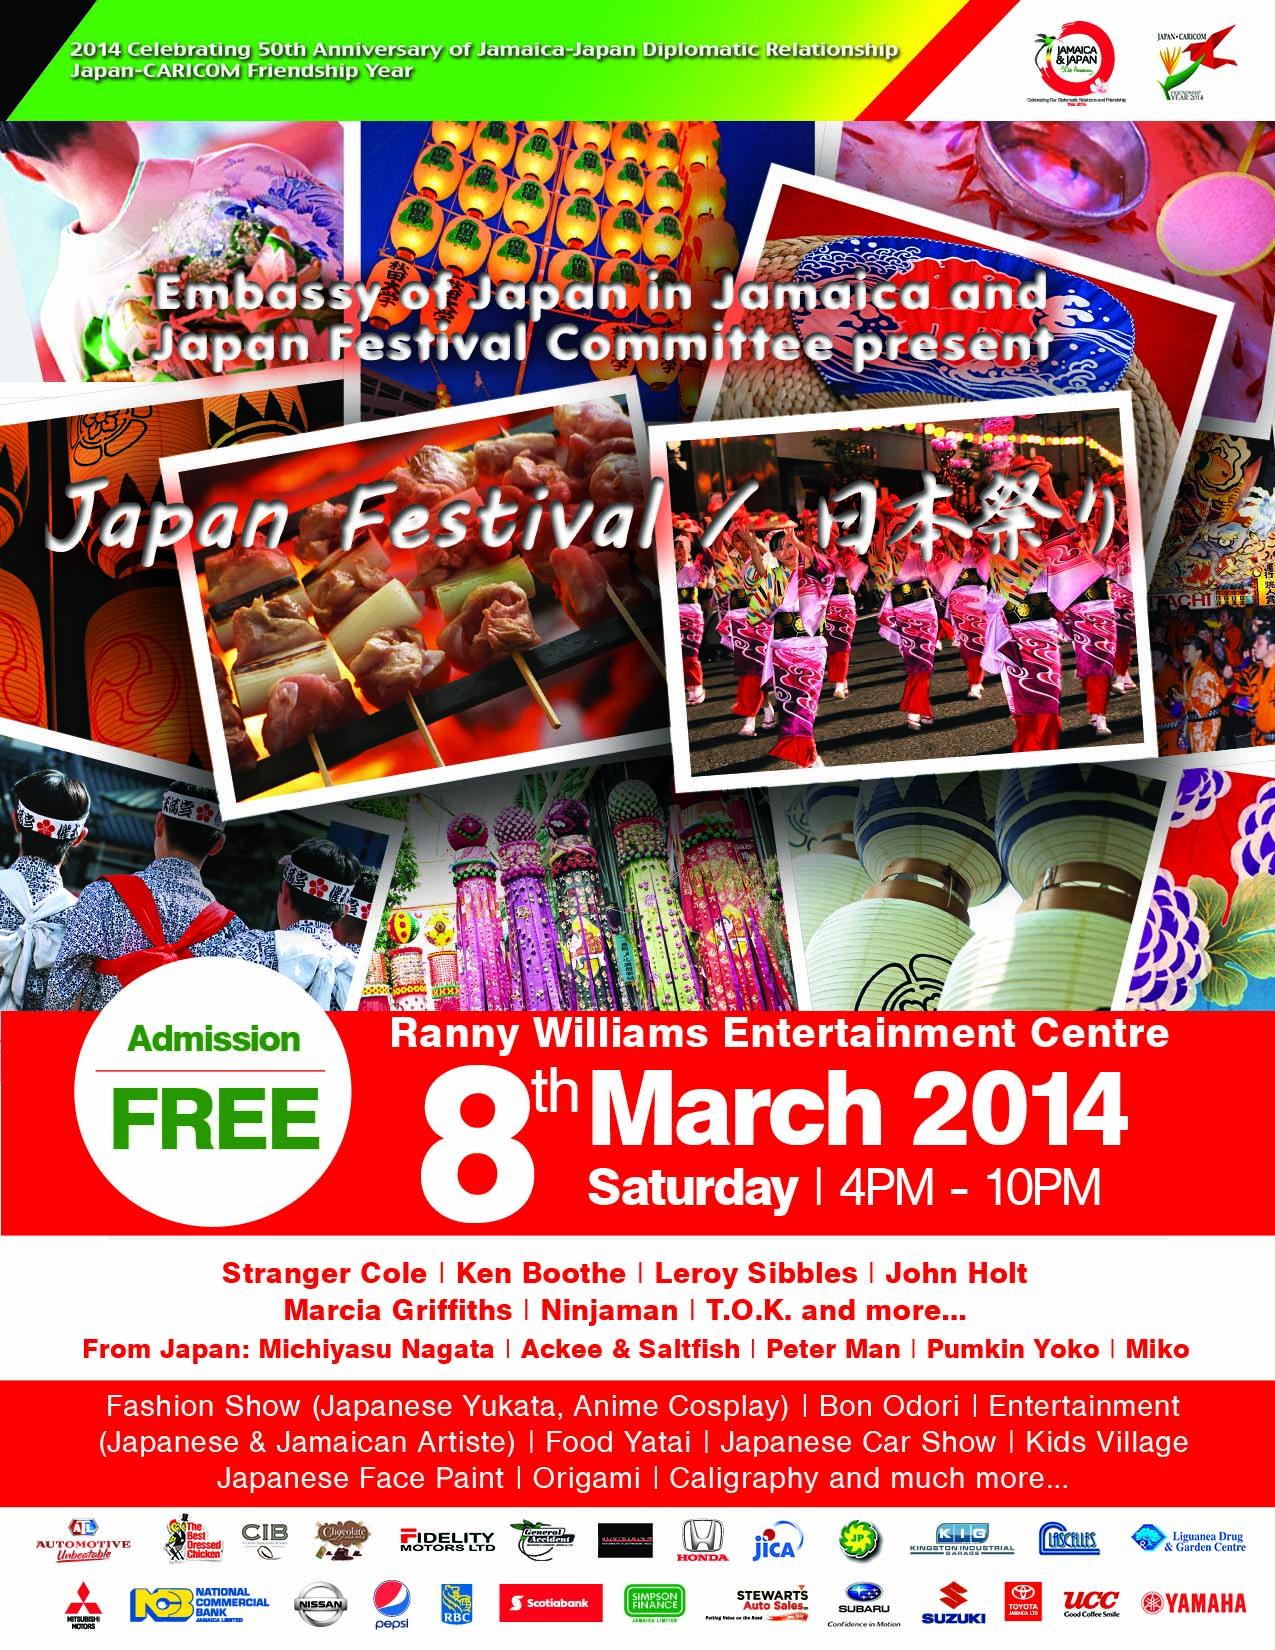 ジャマイカ 日本祭り Japan Festival in Jamaica